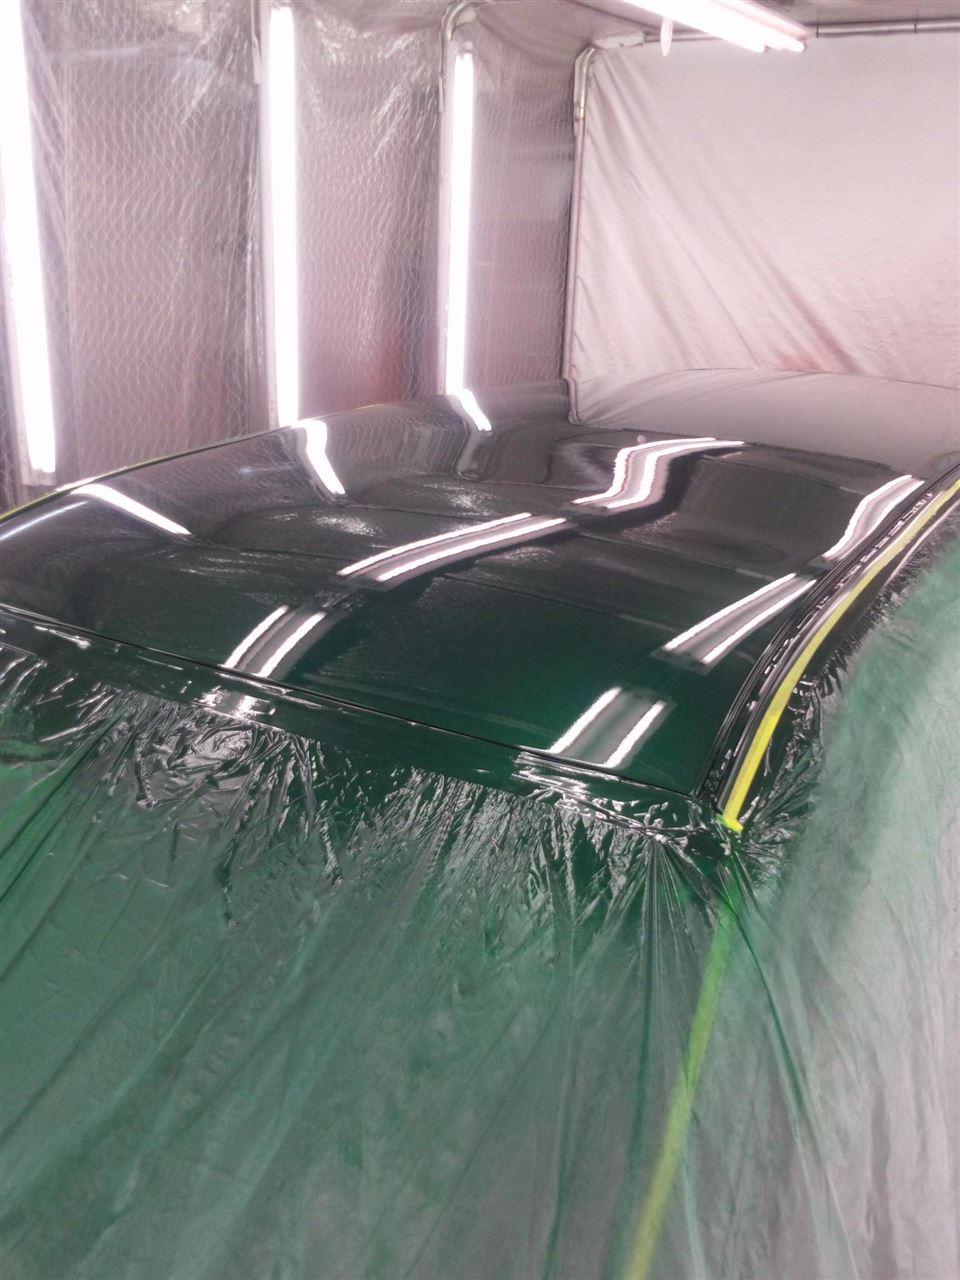 東京都立川市の車の板金塗装修理工場 ガレージローライドのトヨタ ファンカーゴのルーフのキズ へこみ の板金 修理 塗装 です。